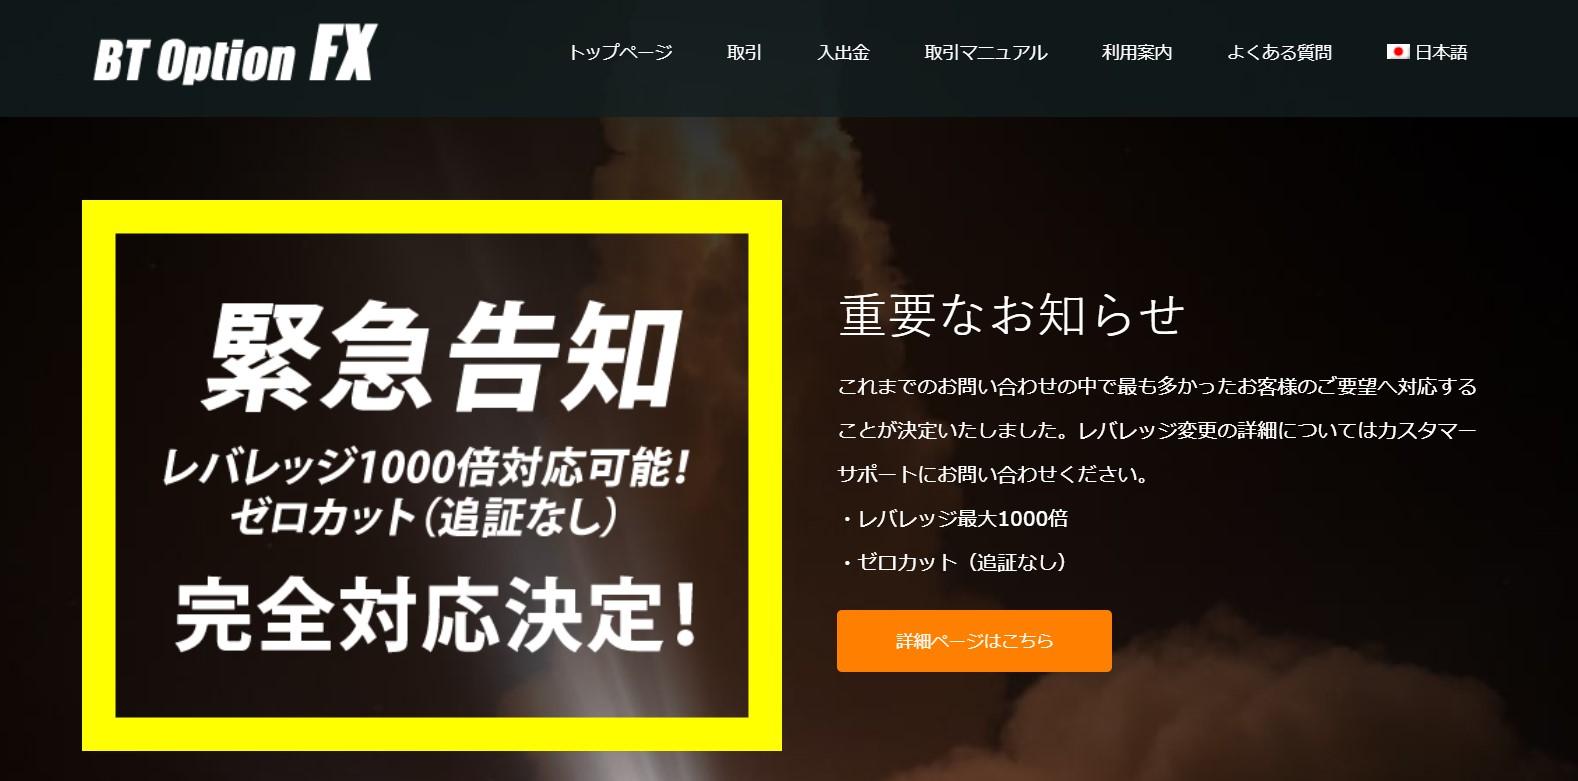 BT Option 評判(口コミ)